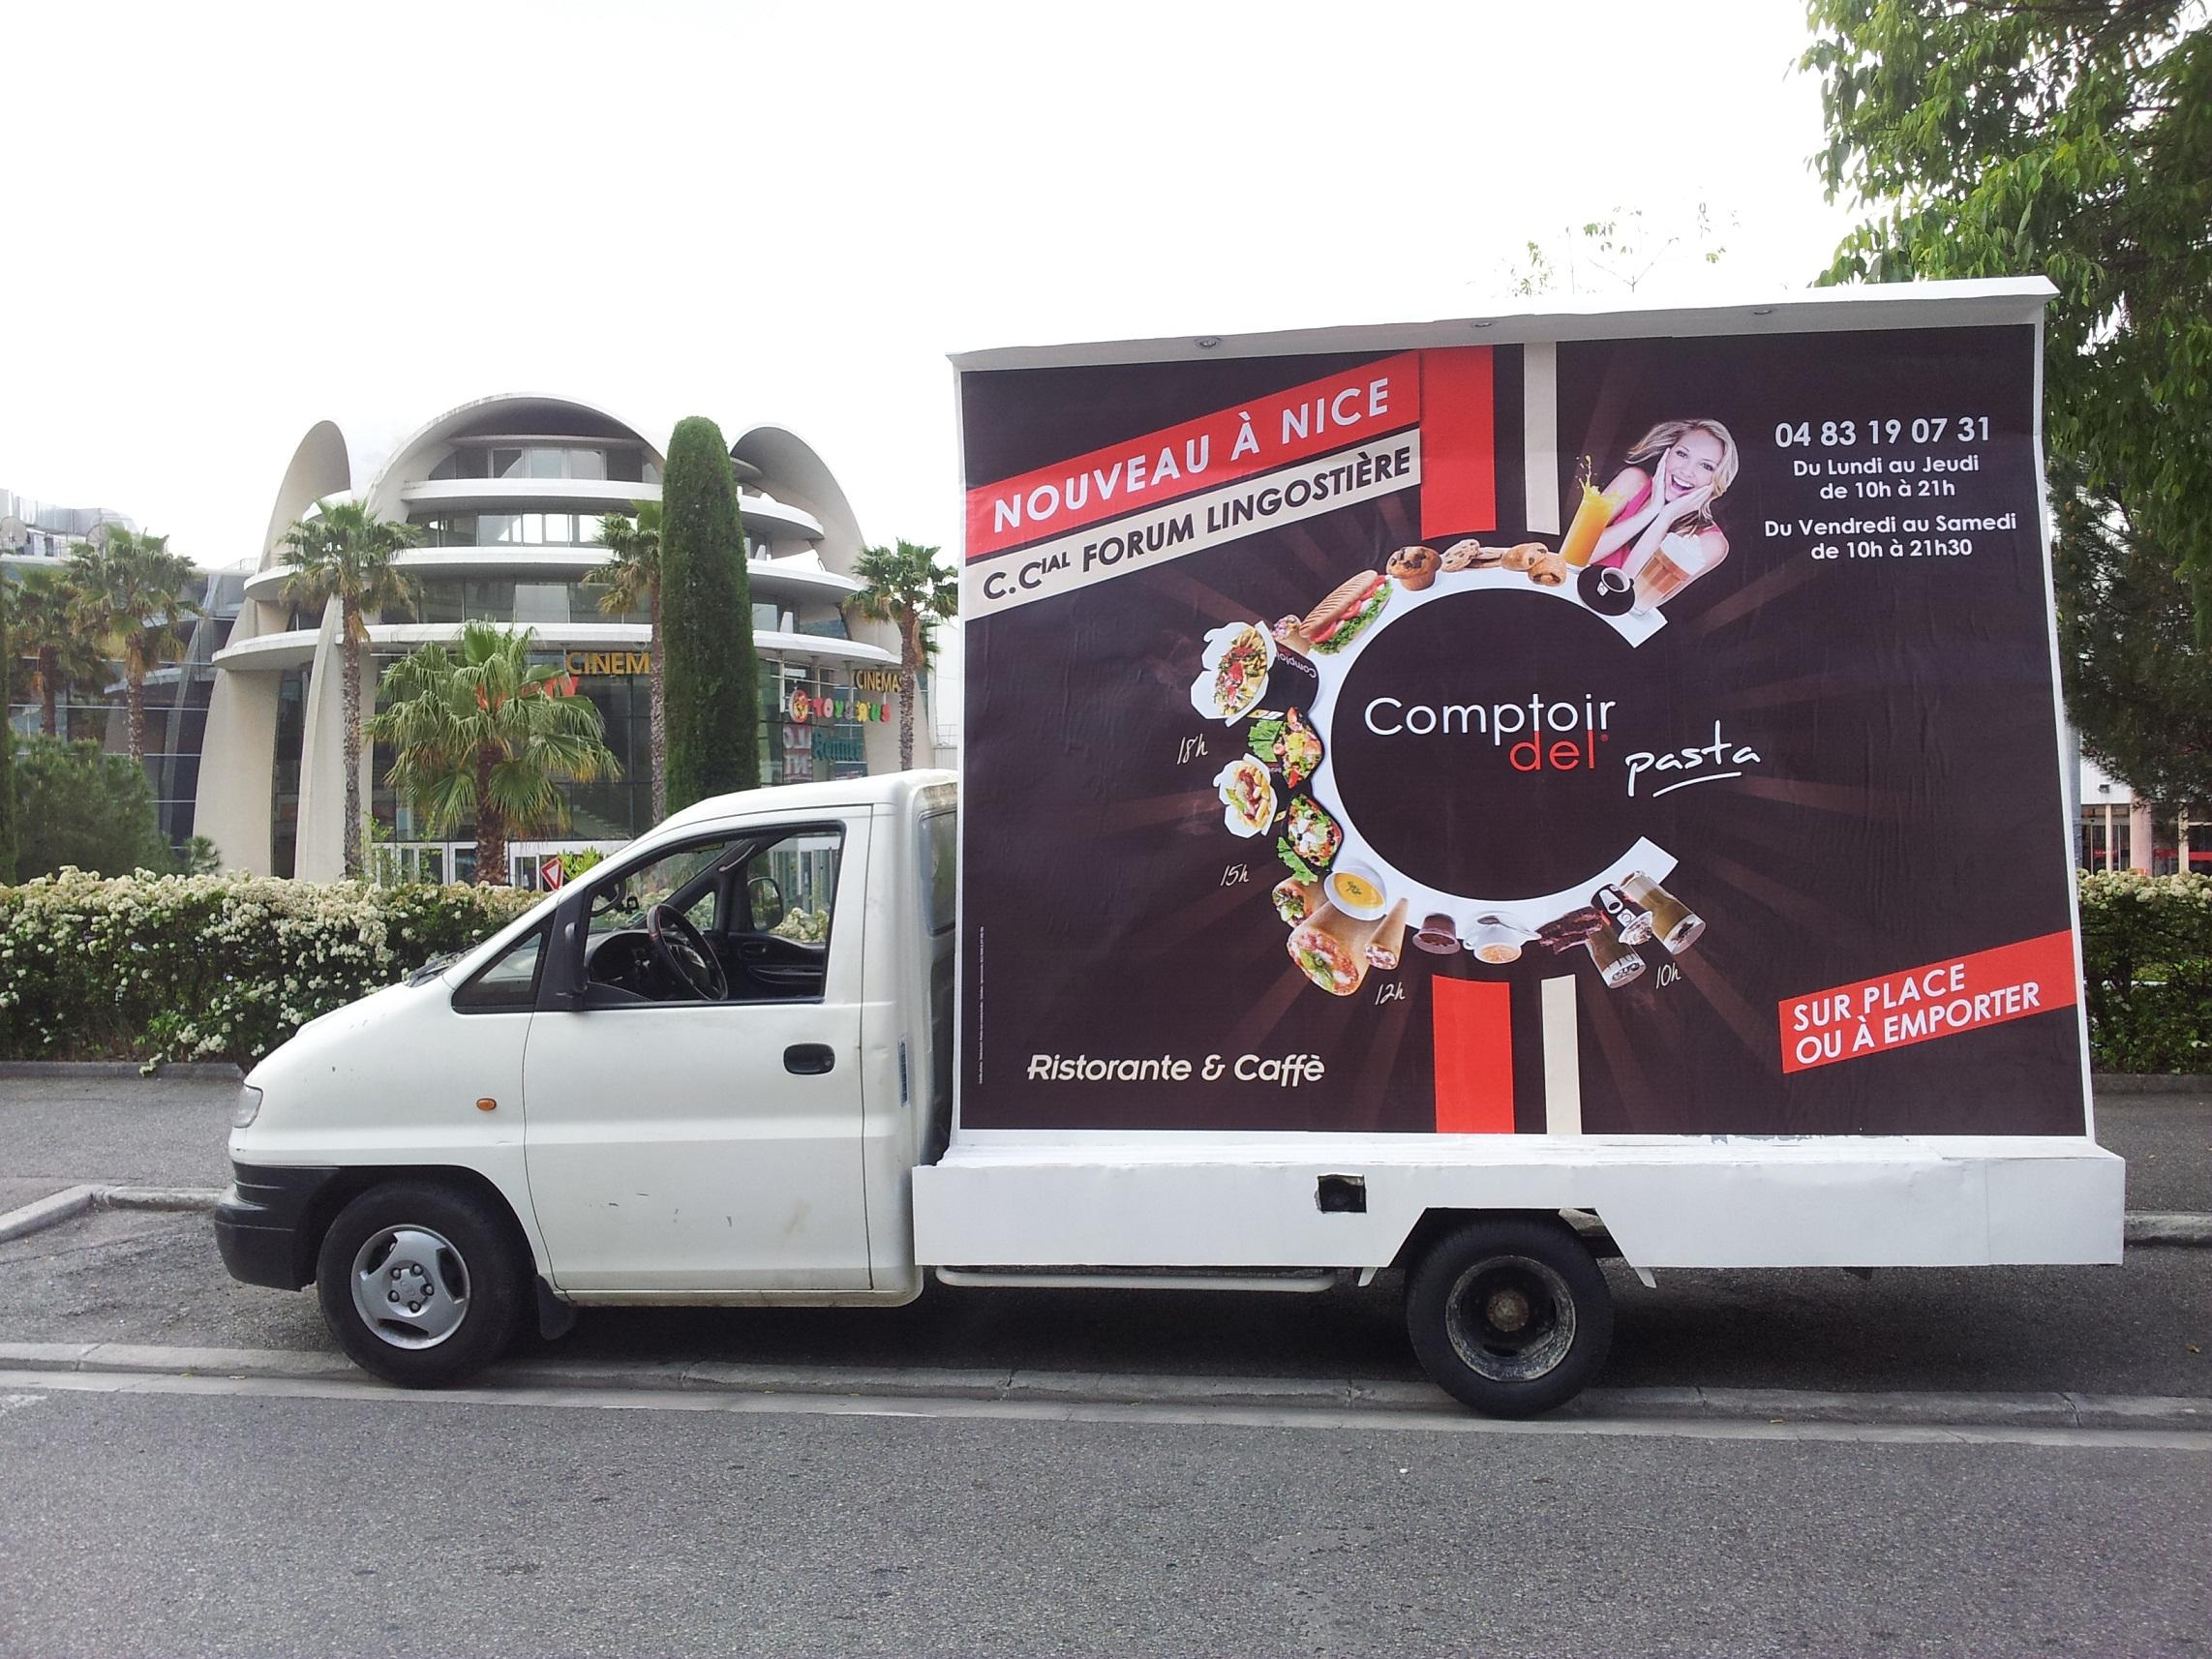 Affichage mobile au sud camion for Piscine mobile sur camion